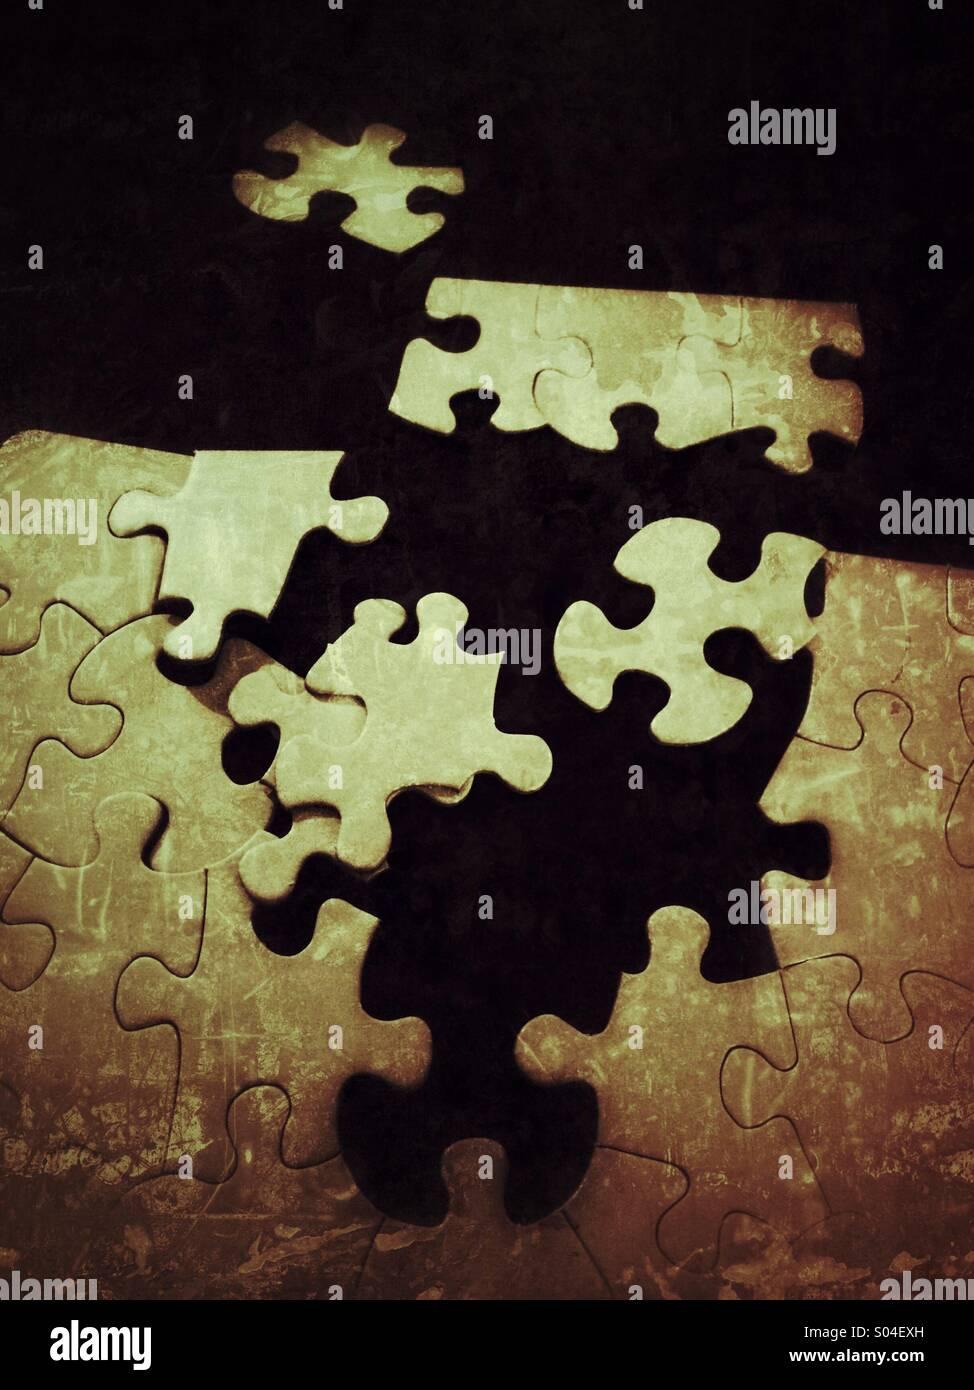 Puzzle incompiuto Immagini Stock